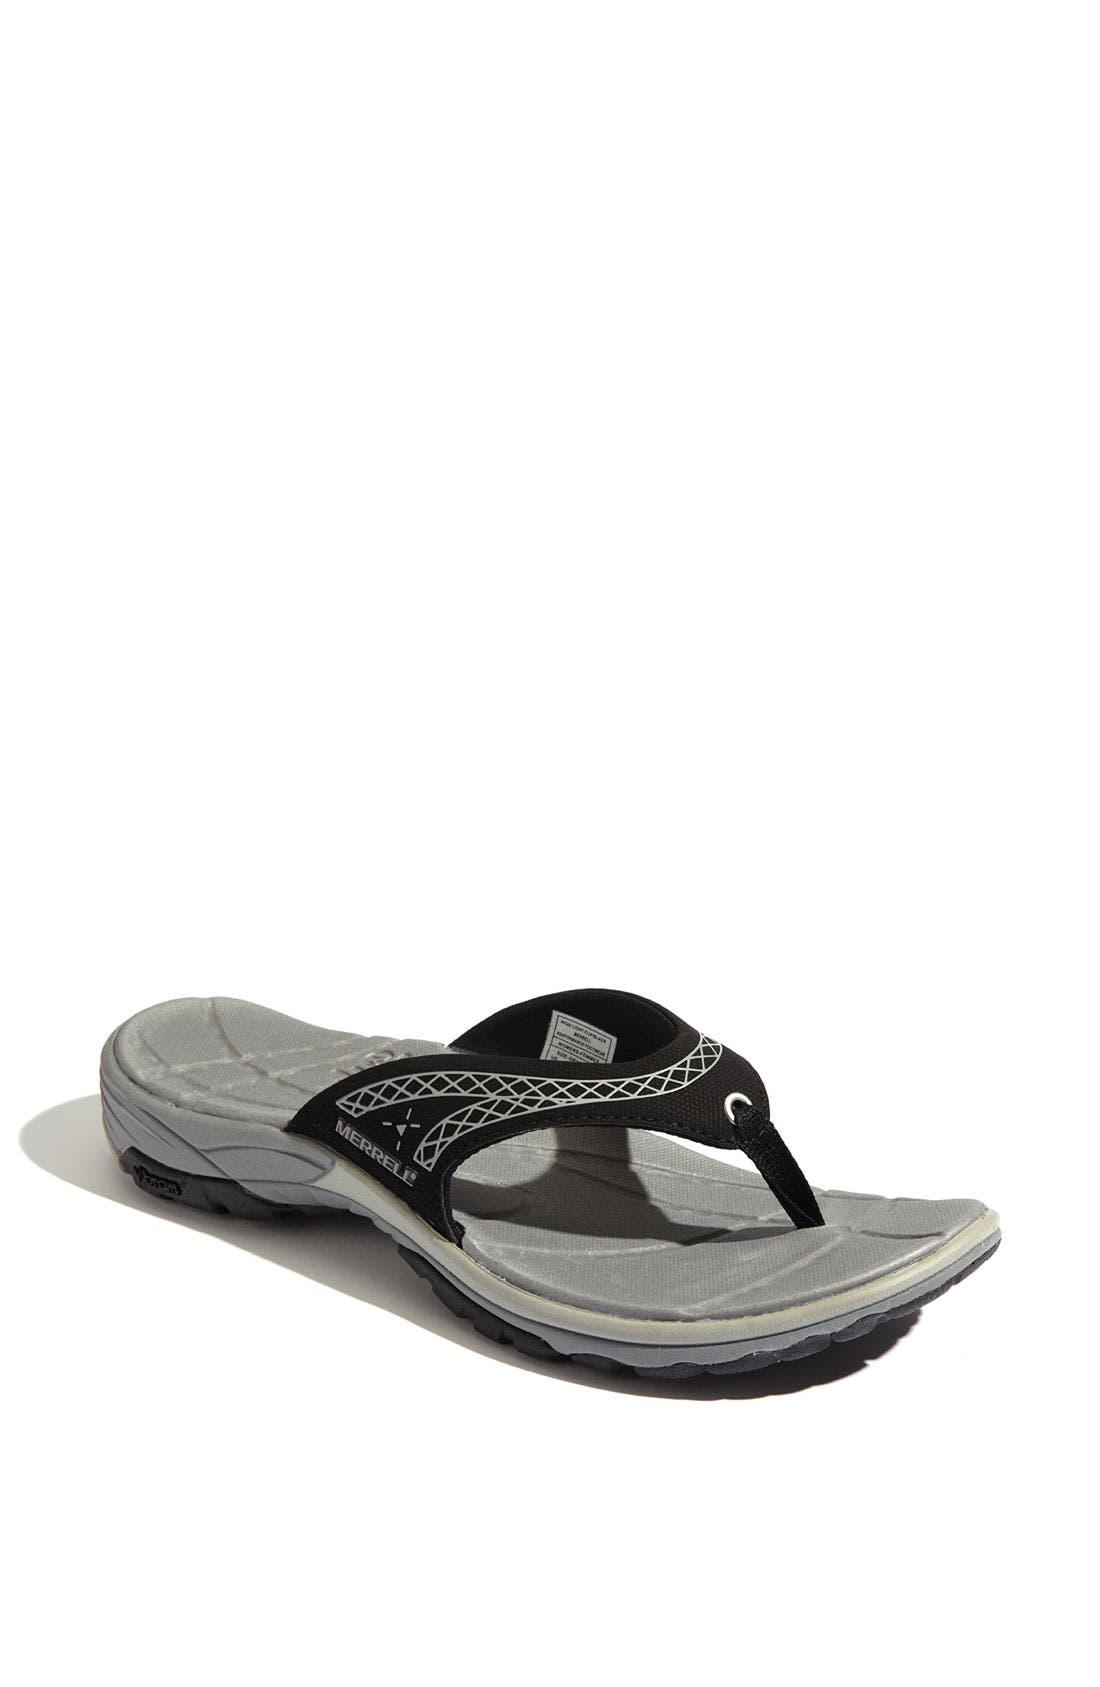 Main Image - Merrell 'Avian' Sandal